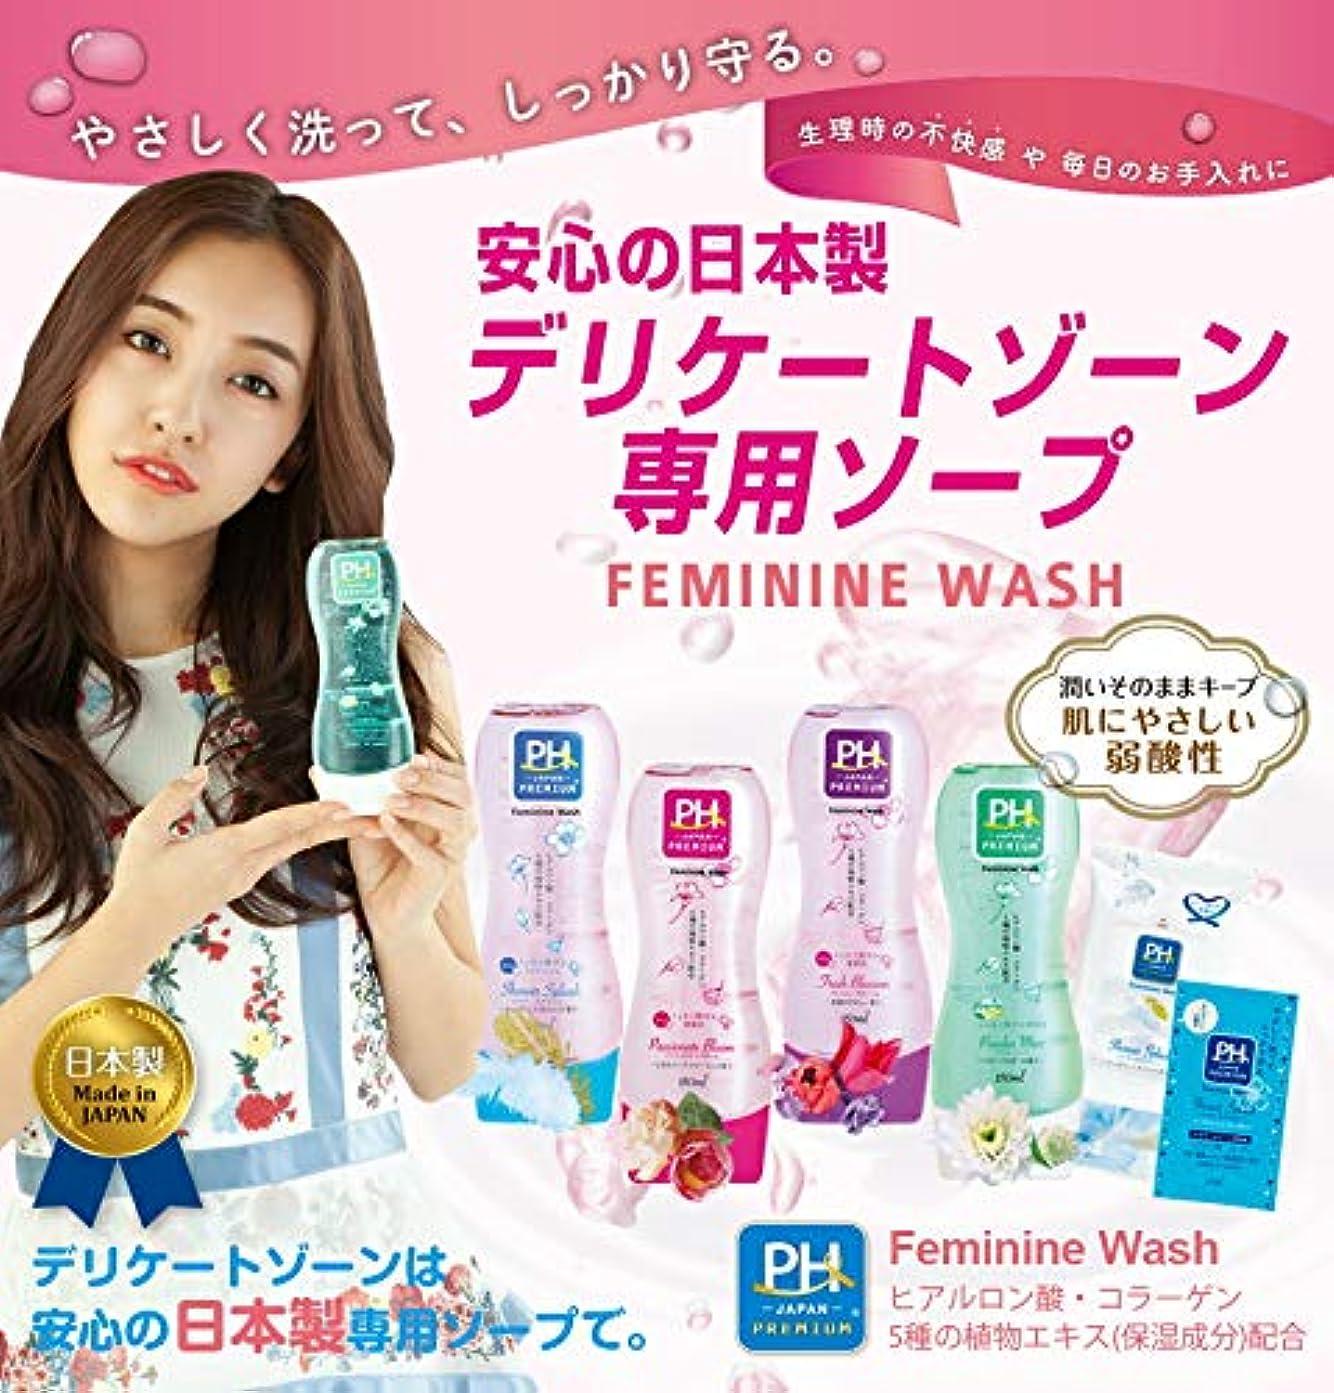 意識類似性怒ってパッショネイトブルーム4本セット PH JAPAN フェミニンウォッシュ 上品なローズフローラルの香り